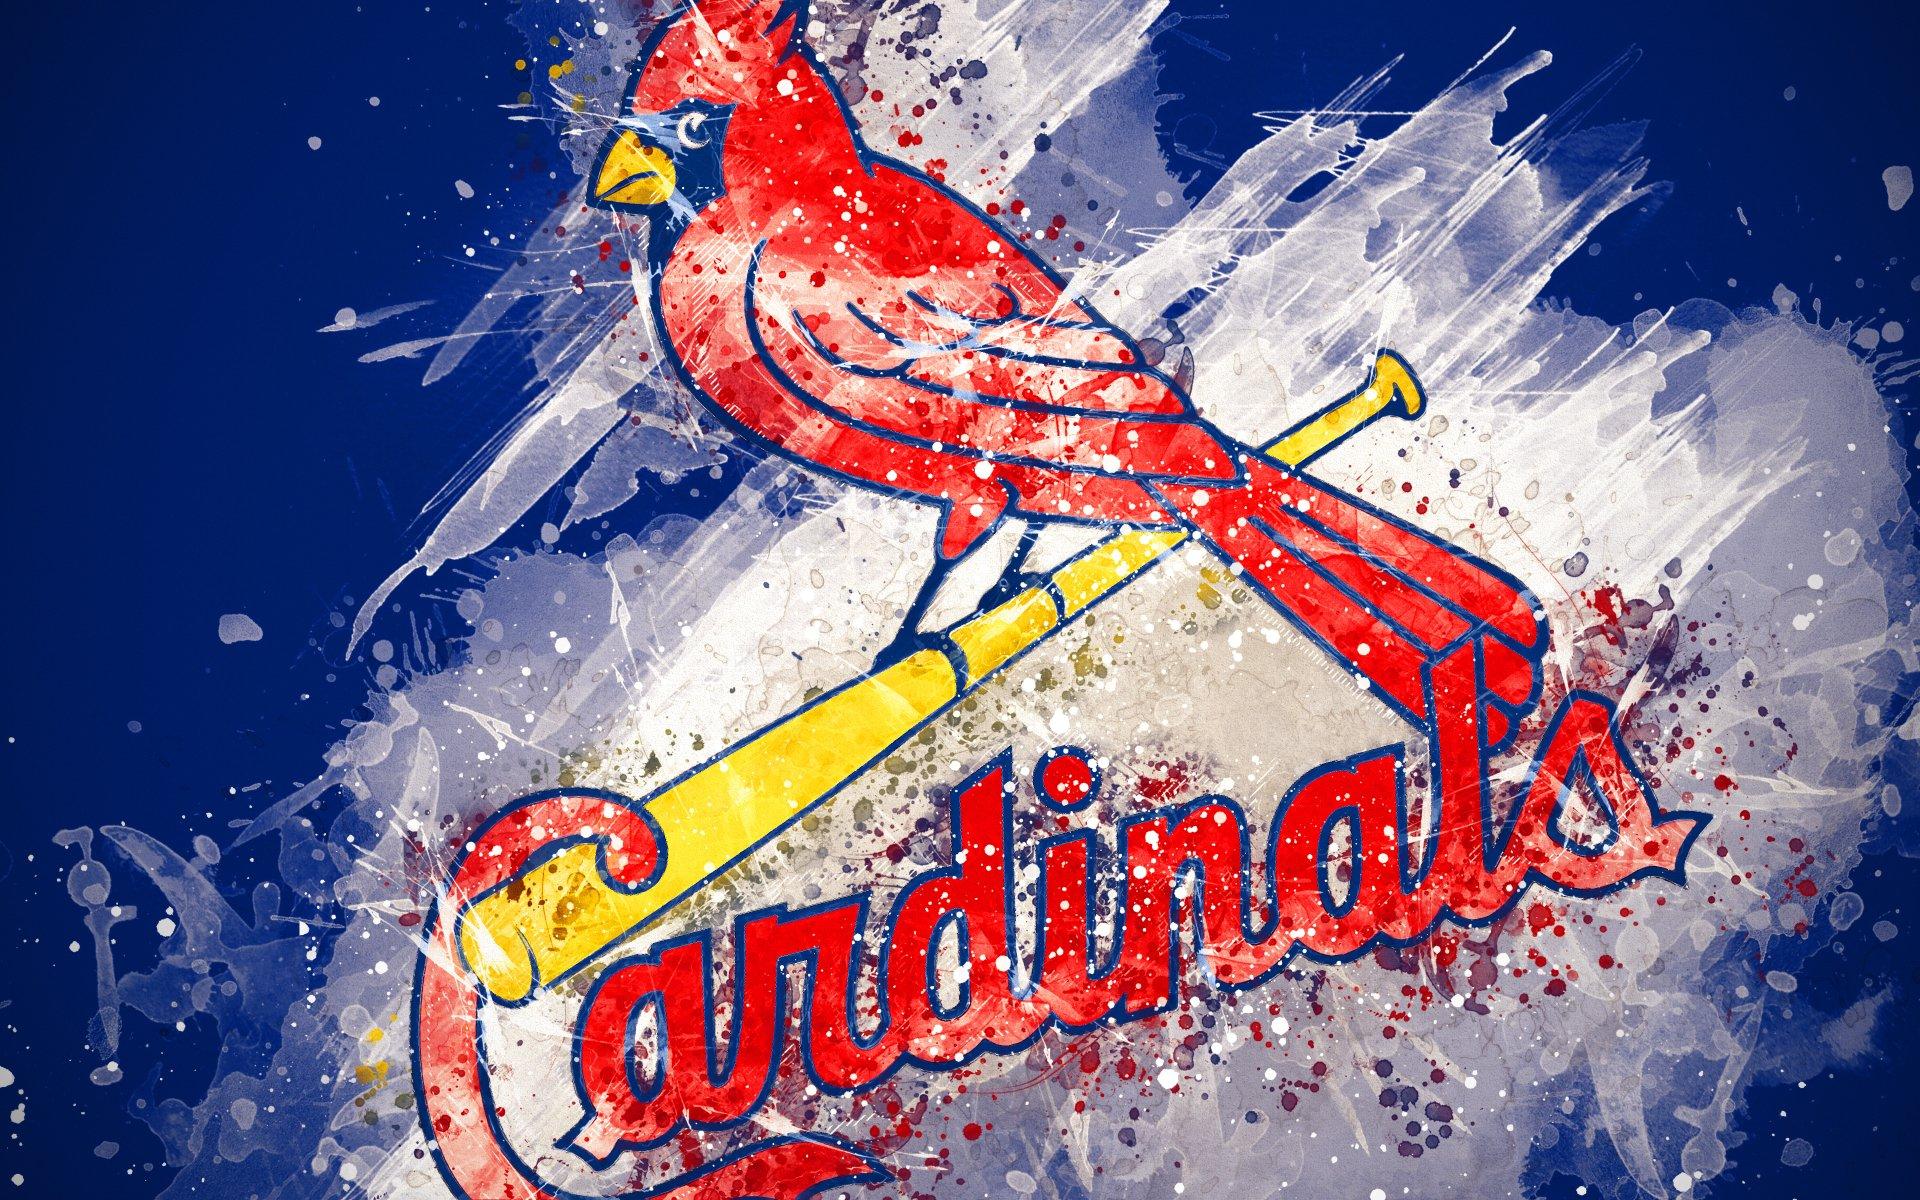 St. Louis Cardinals 4k Ultra HD Wallpaper | Background ...